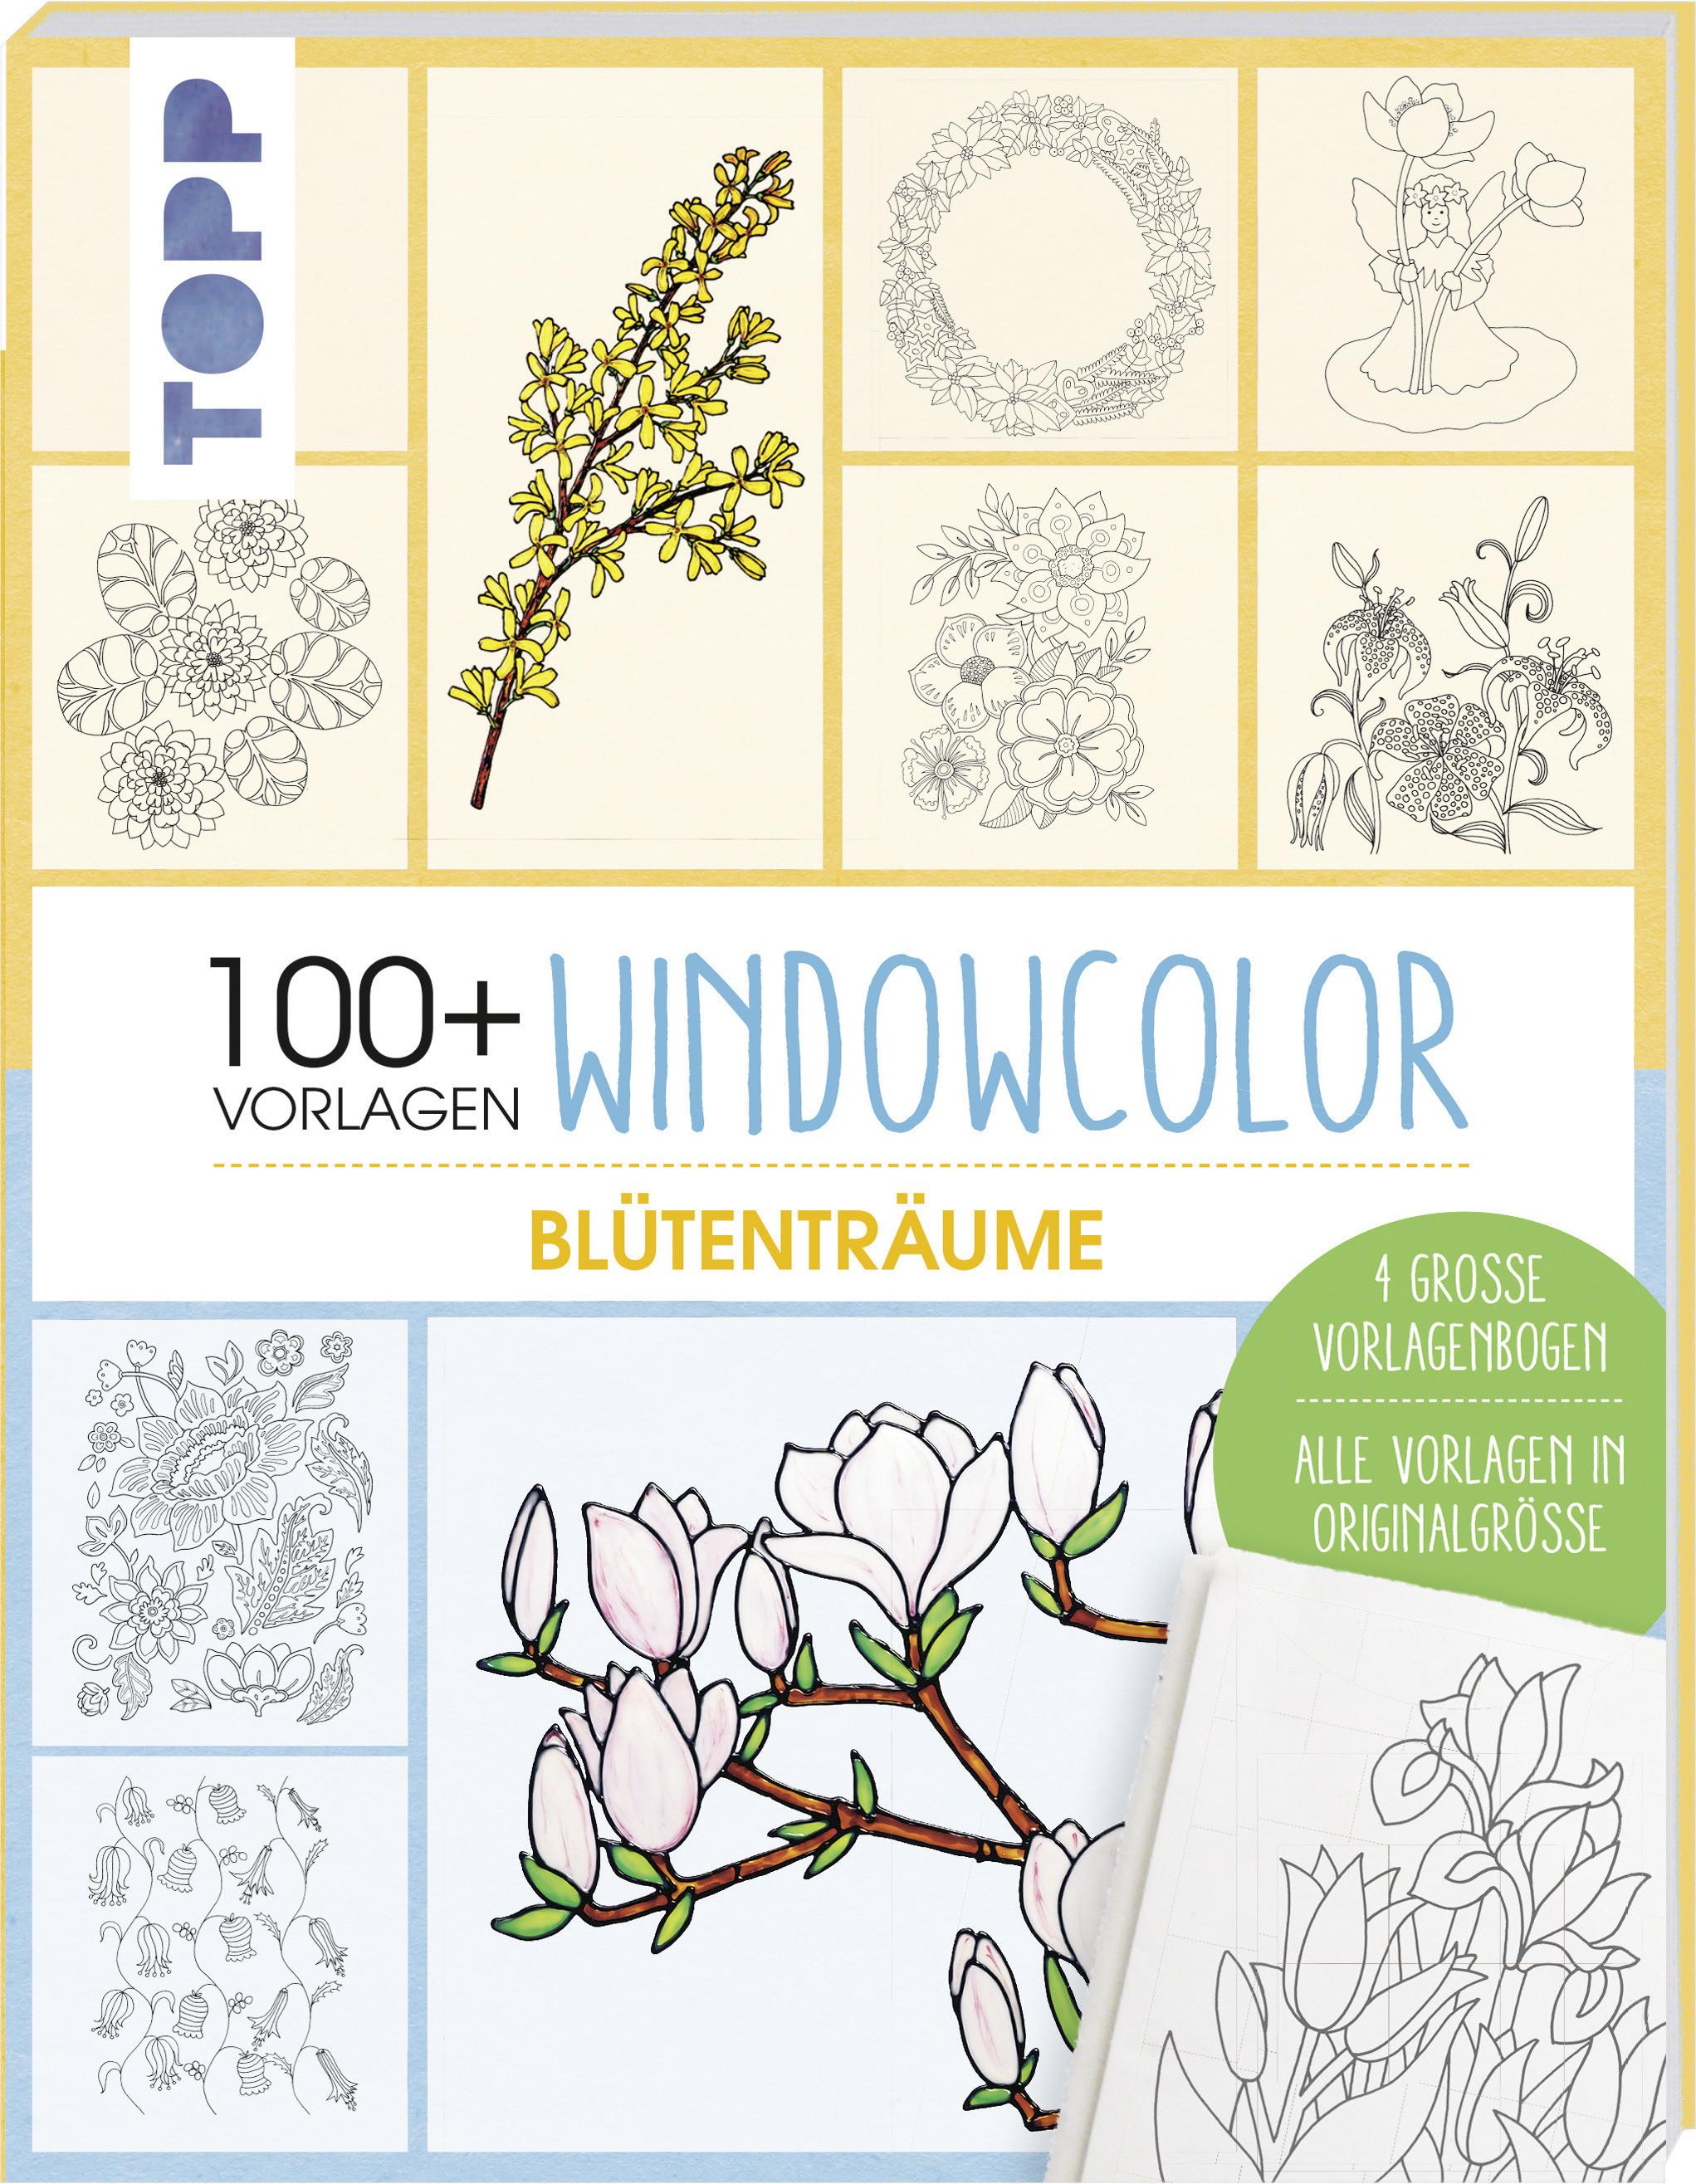 Window Color Malvorlagen Weihnachten Kostenlos Neu Vorlagenmappe Windowcolor Blütenträume Schön Window Color Bild